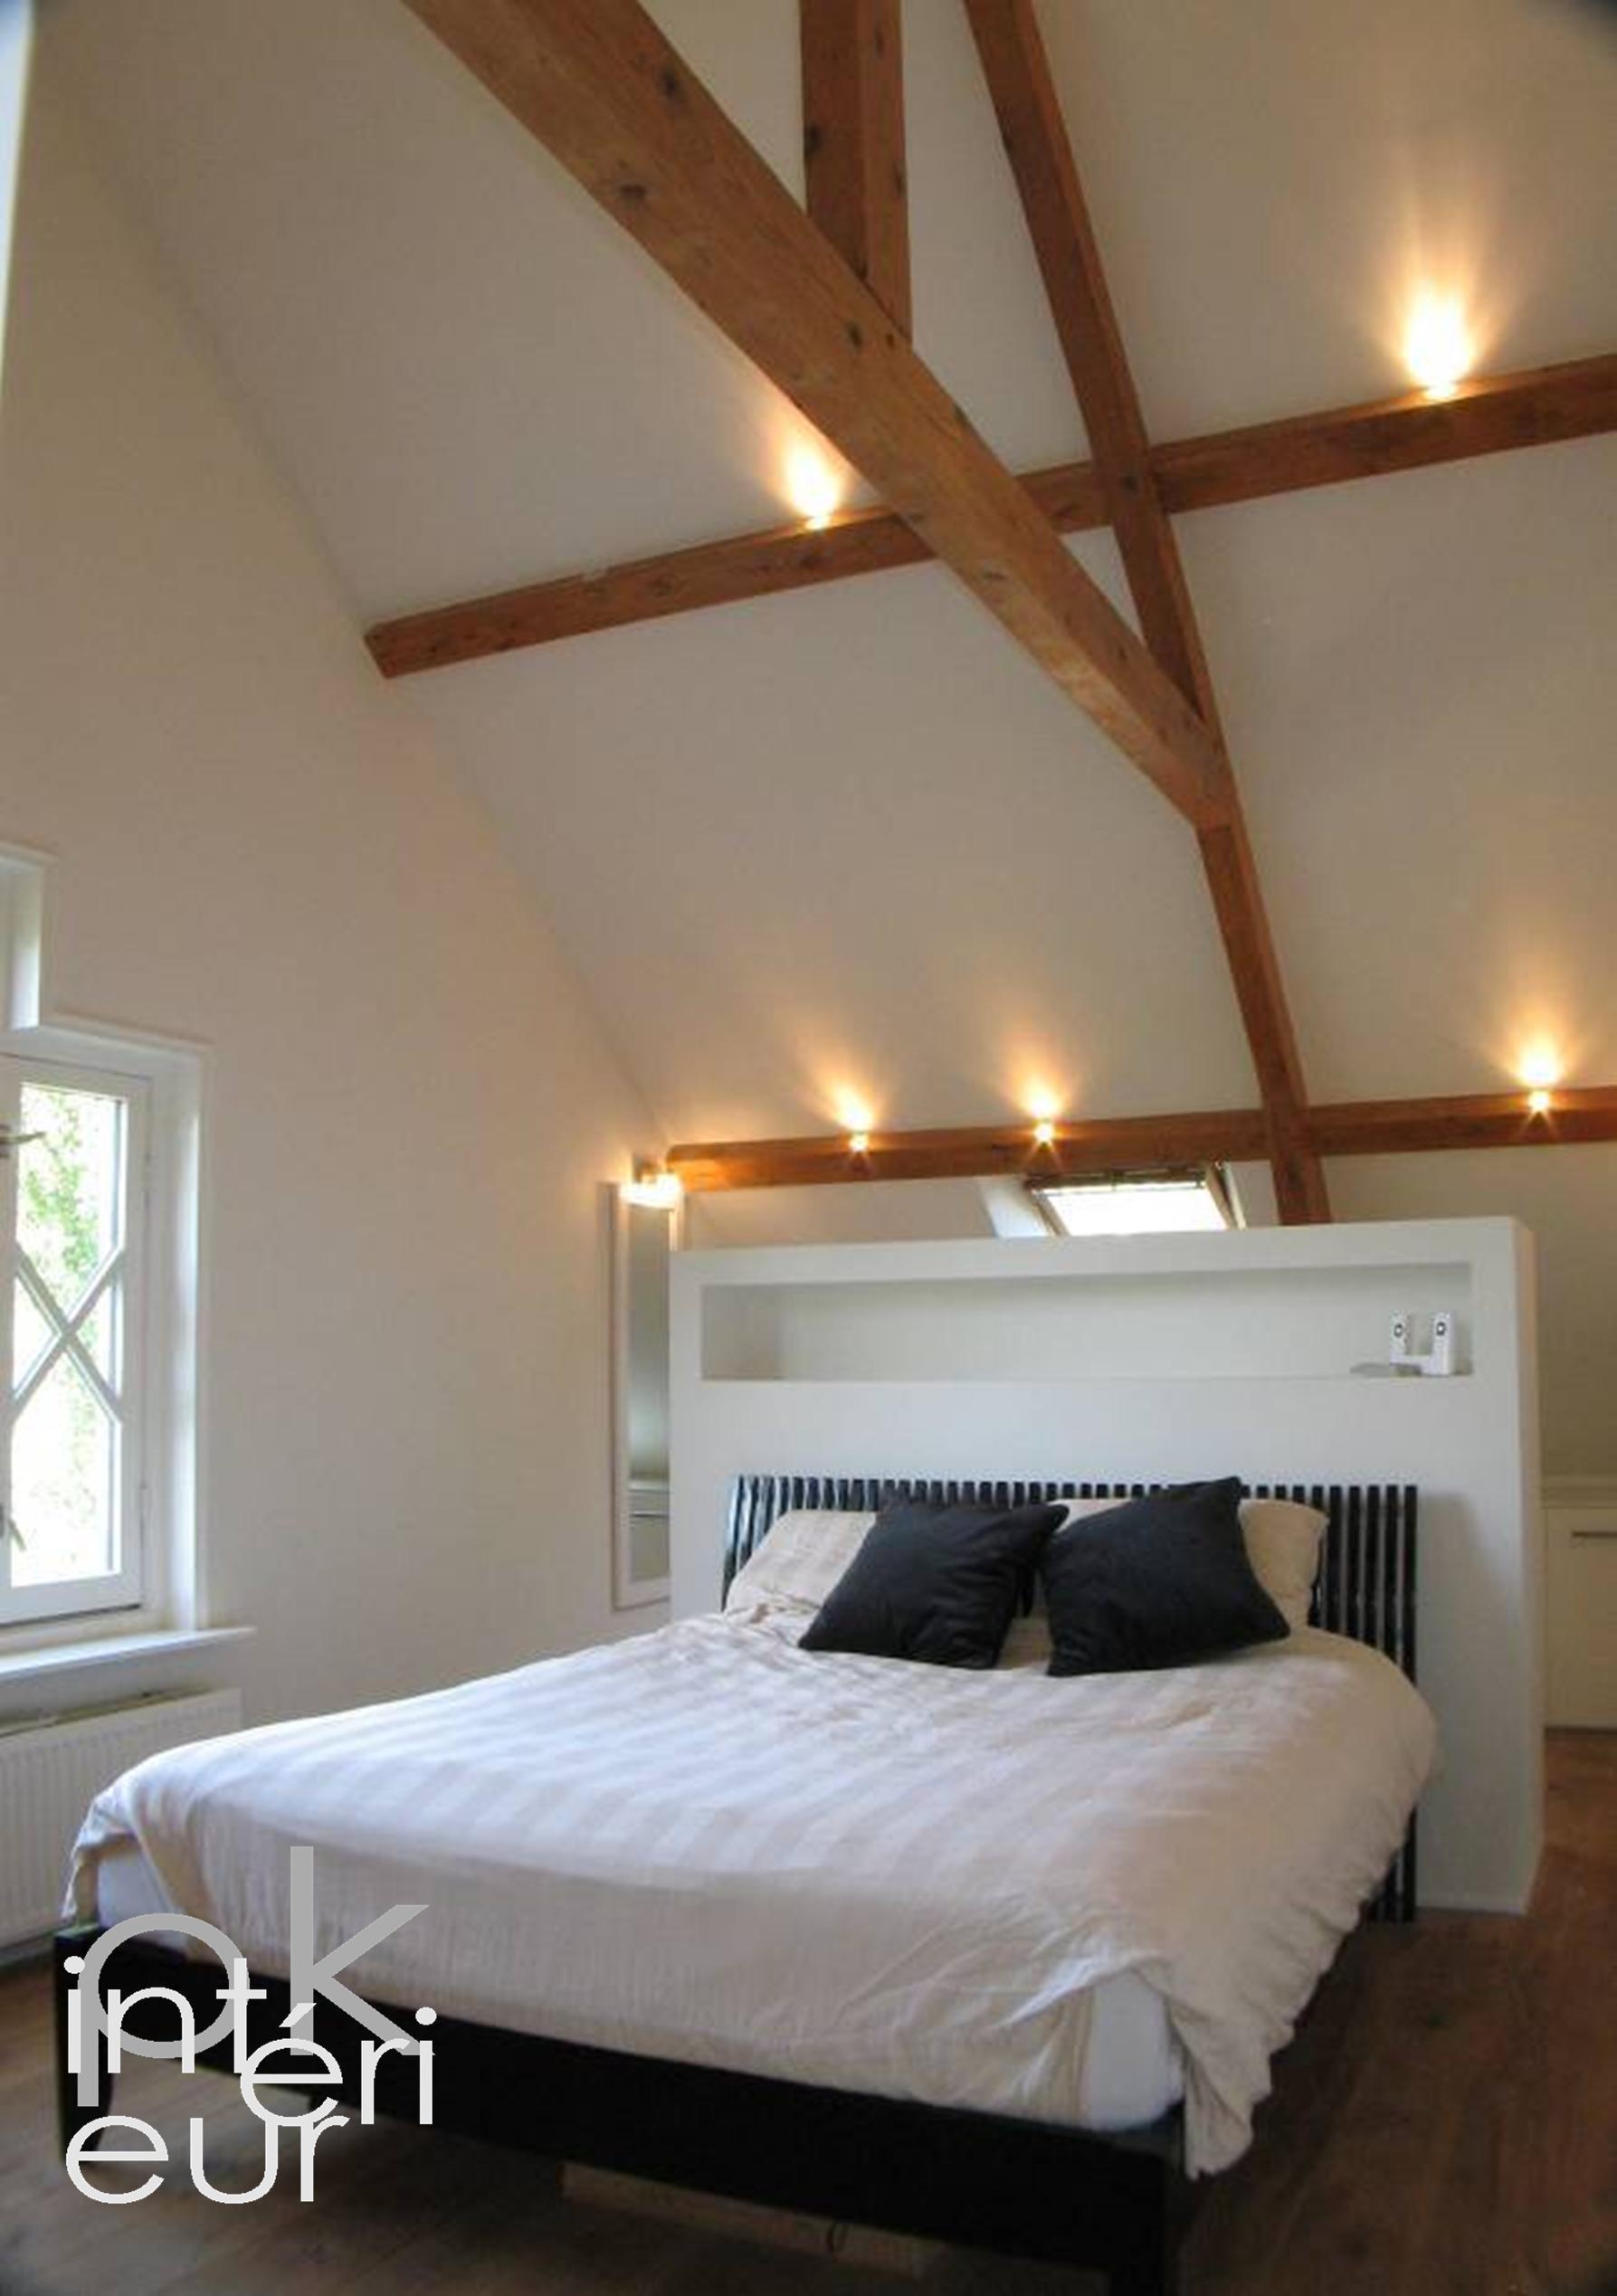 Conception d int rieur et design de mobilier pour la for Conception d architecture pour la maison